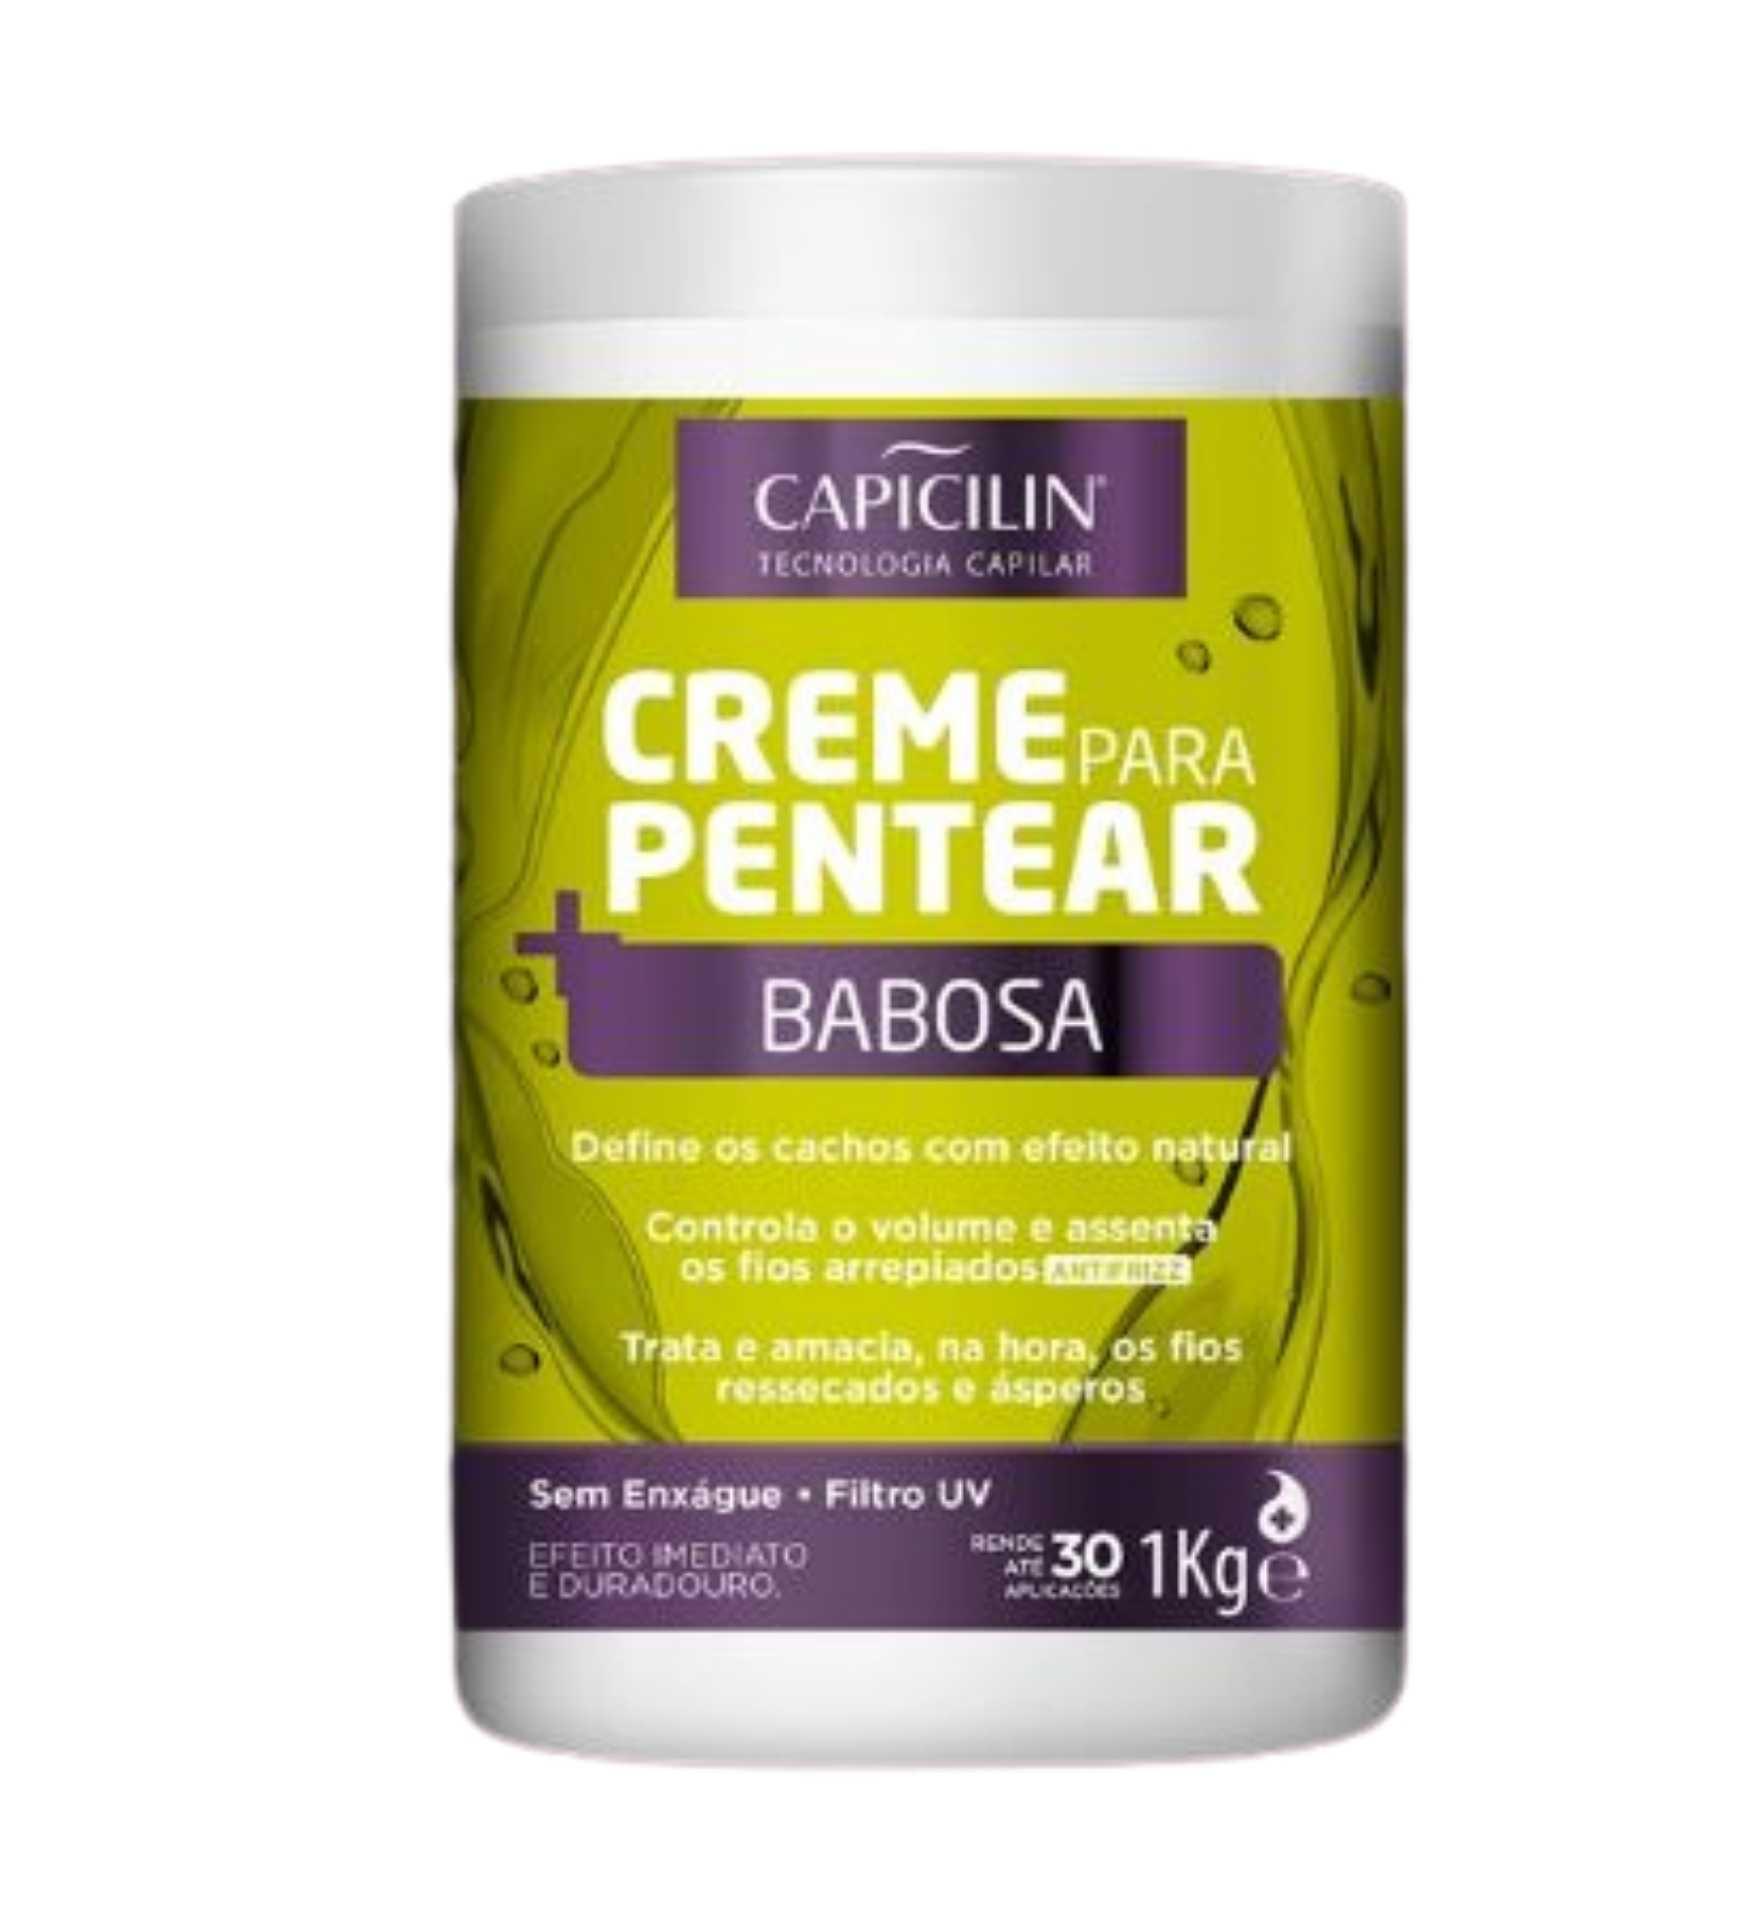 Capicilin - CREME DE PENTEAR - Babosa 1kg